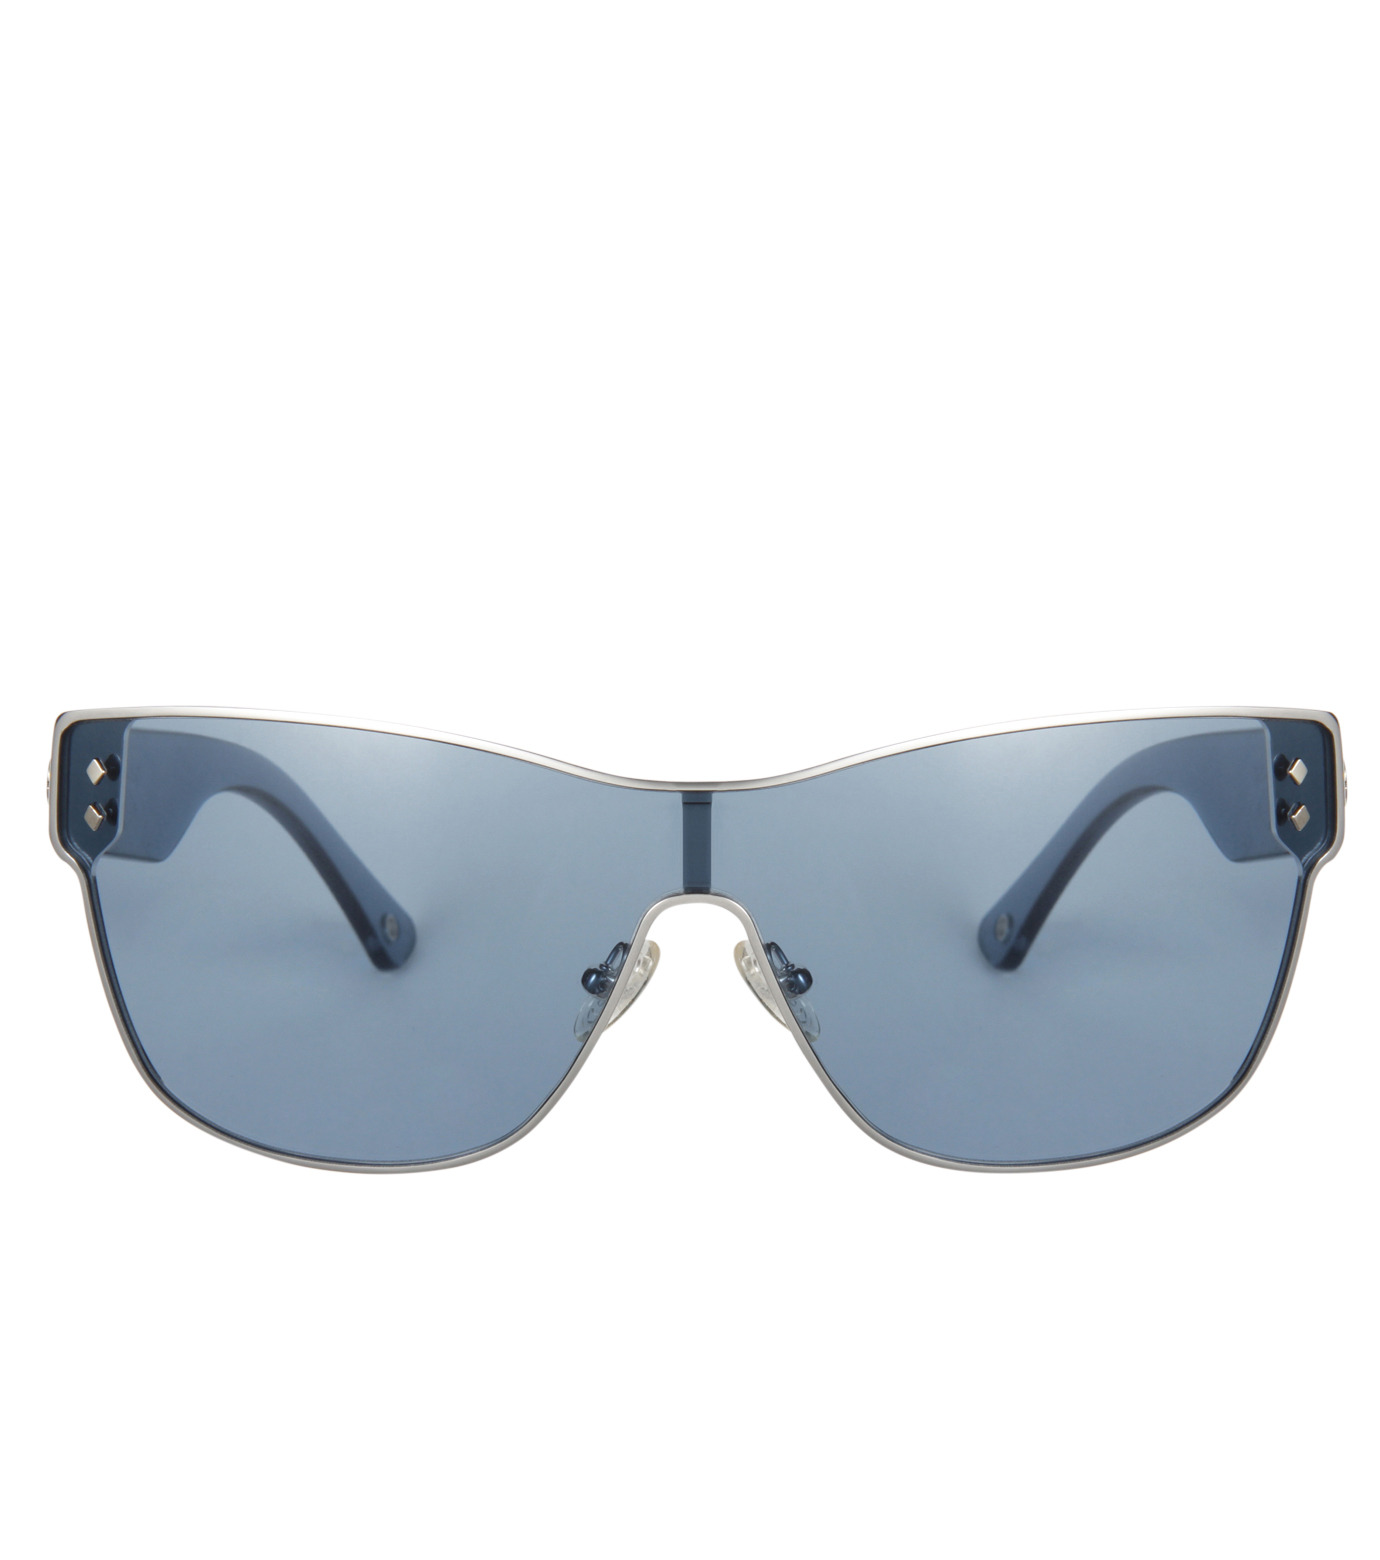 Moncler Eyewear(モンクレールアイウェア)のEYEWEAR-BLUE(アイウェア/eyewear)-MC522-92 拡大詳細画像3